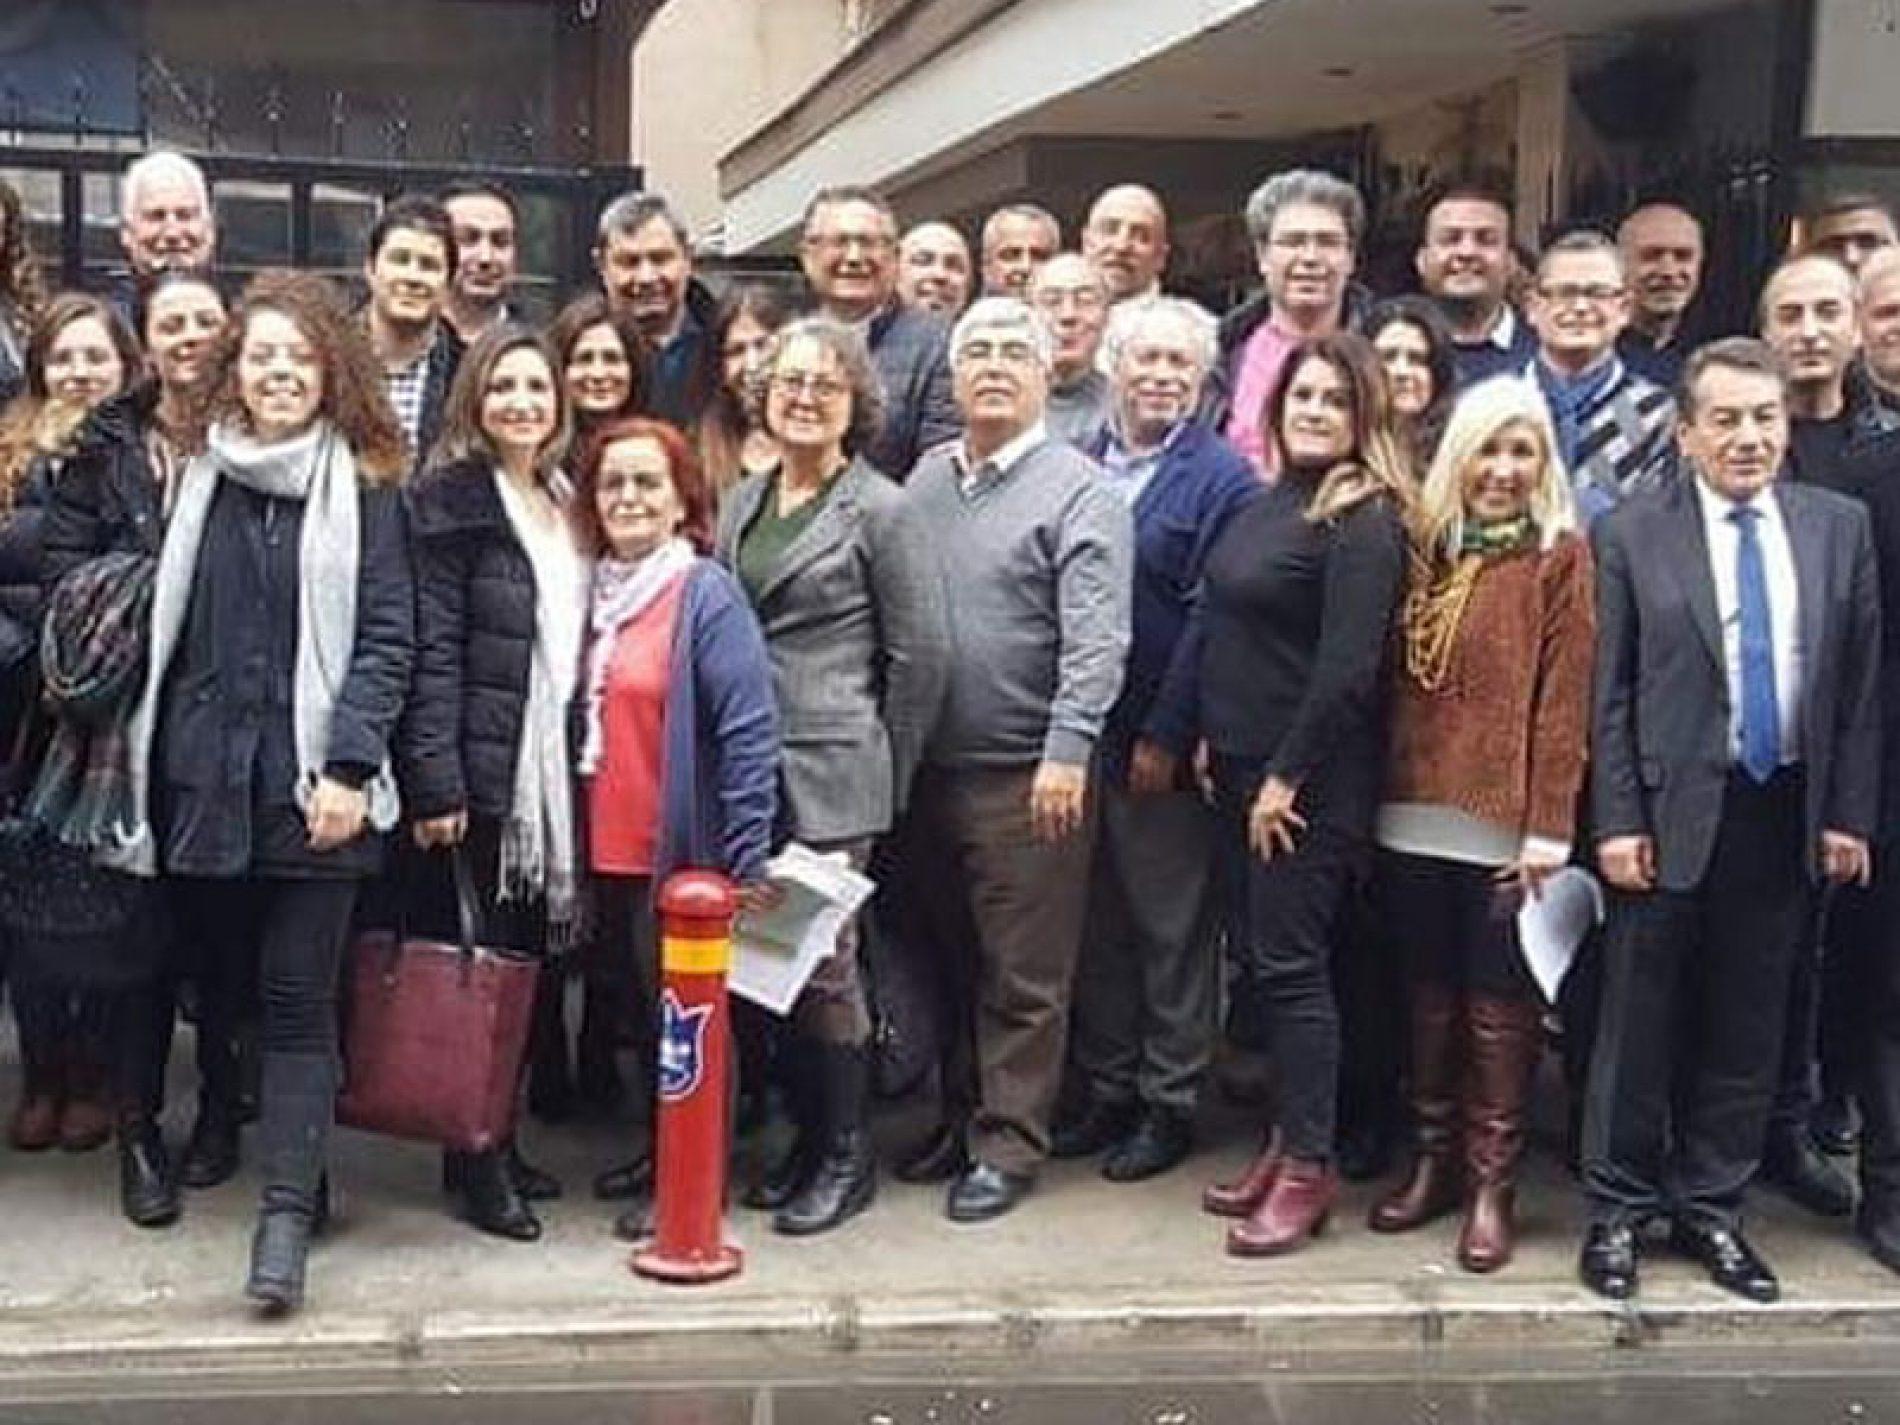 TBD İzmir Şubesi 6. Olağan Genel Kurulu Gerçekleştirildi